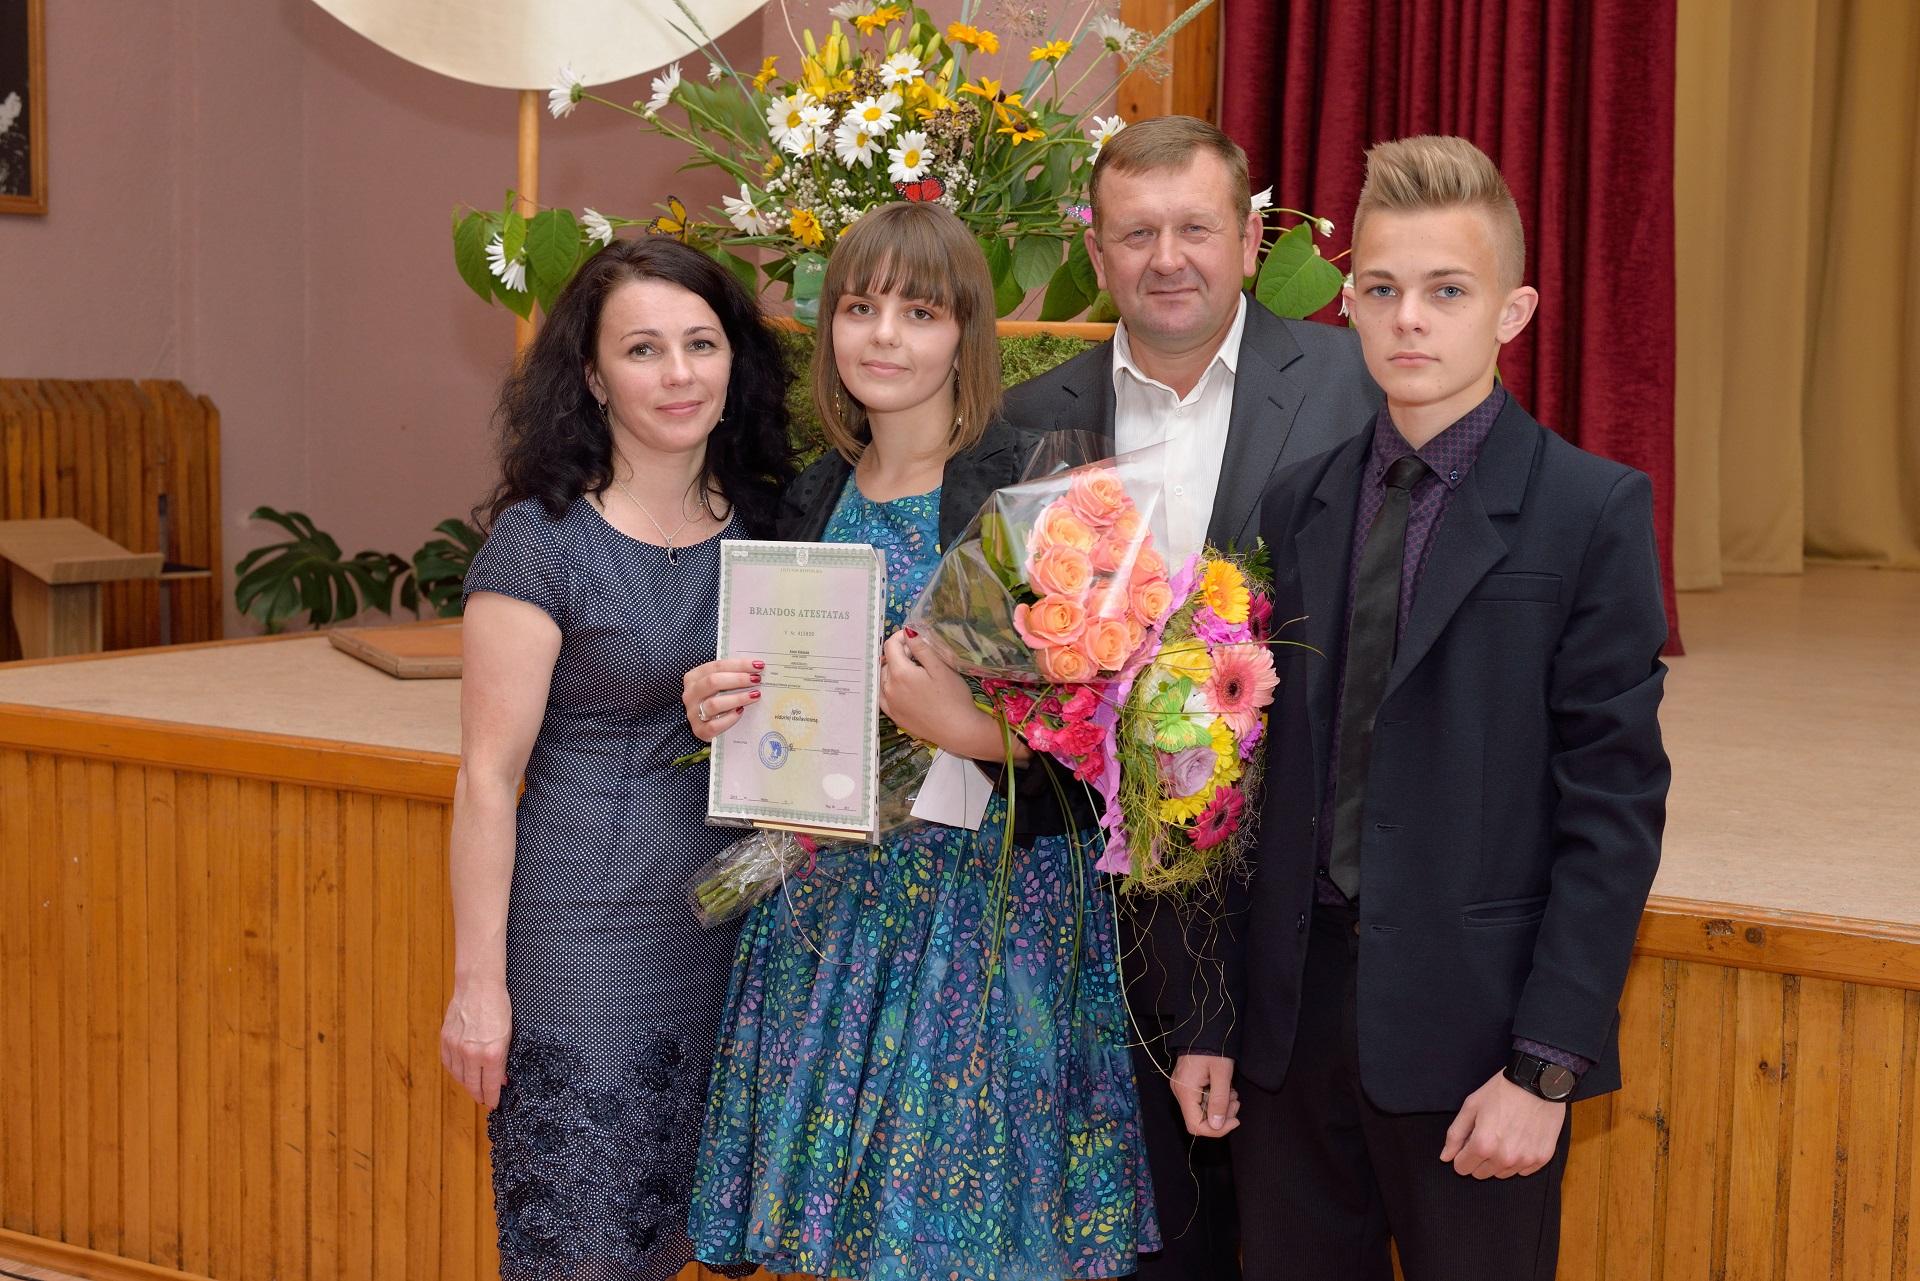 Rima Kikilienė su vyru ir vaikais: dukra Aiste ir sūnumi Vytautu. Asmeninio archyvo nuotr.